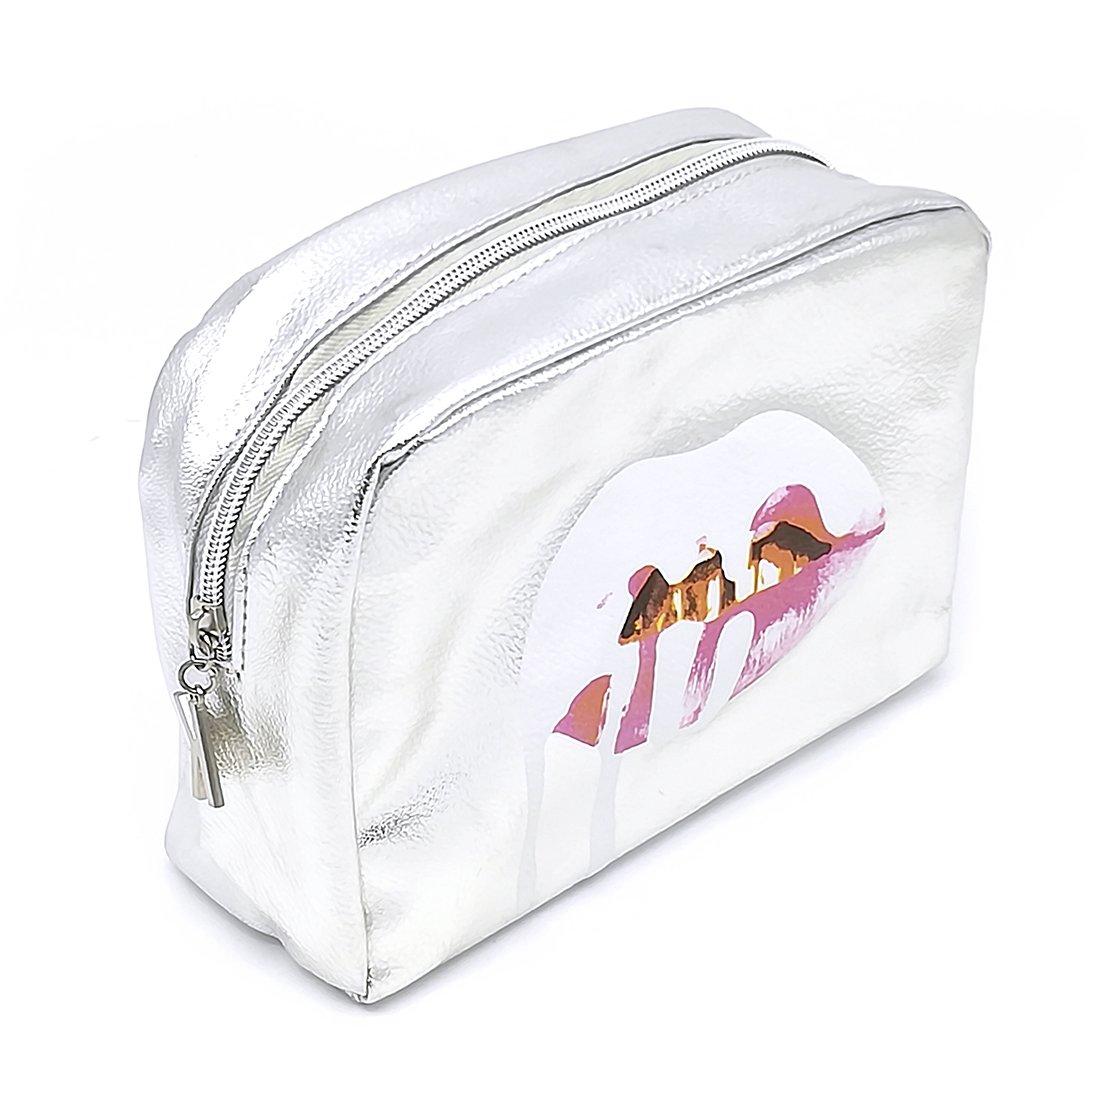 YOMYM Trousse à Maquillage, Trousse de Toilette imperméable à l'eau -Sacoche de Maquillage Compacte Accessoires de Voyage Organiseur pour Cosmétiques (Noir)